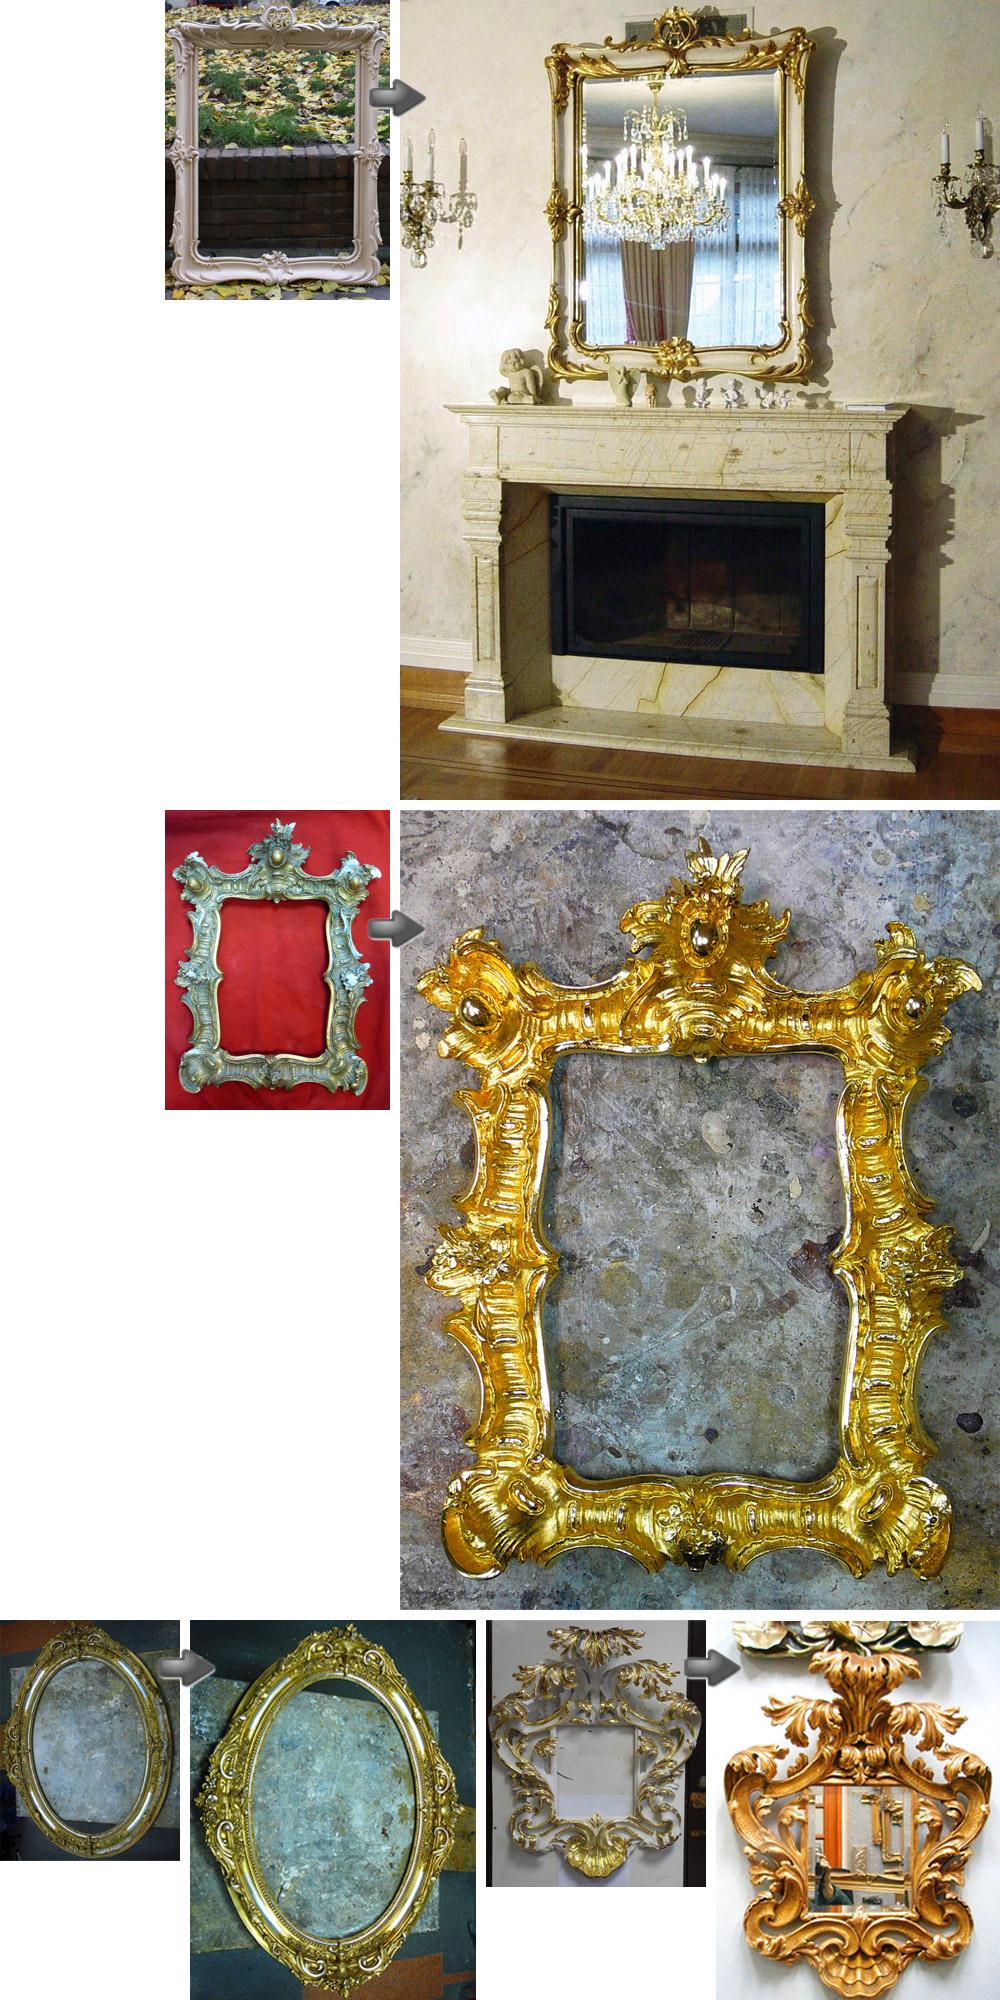 Photos der Rahmen vor und nach der Restauration